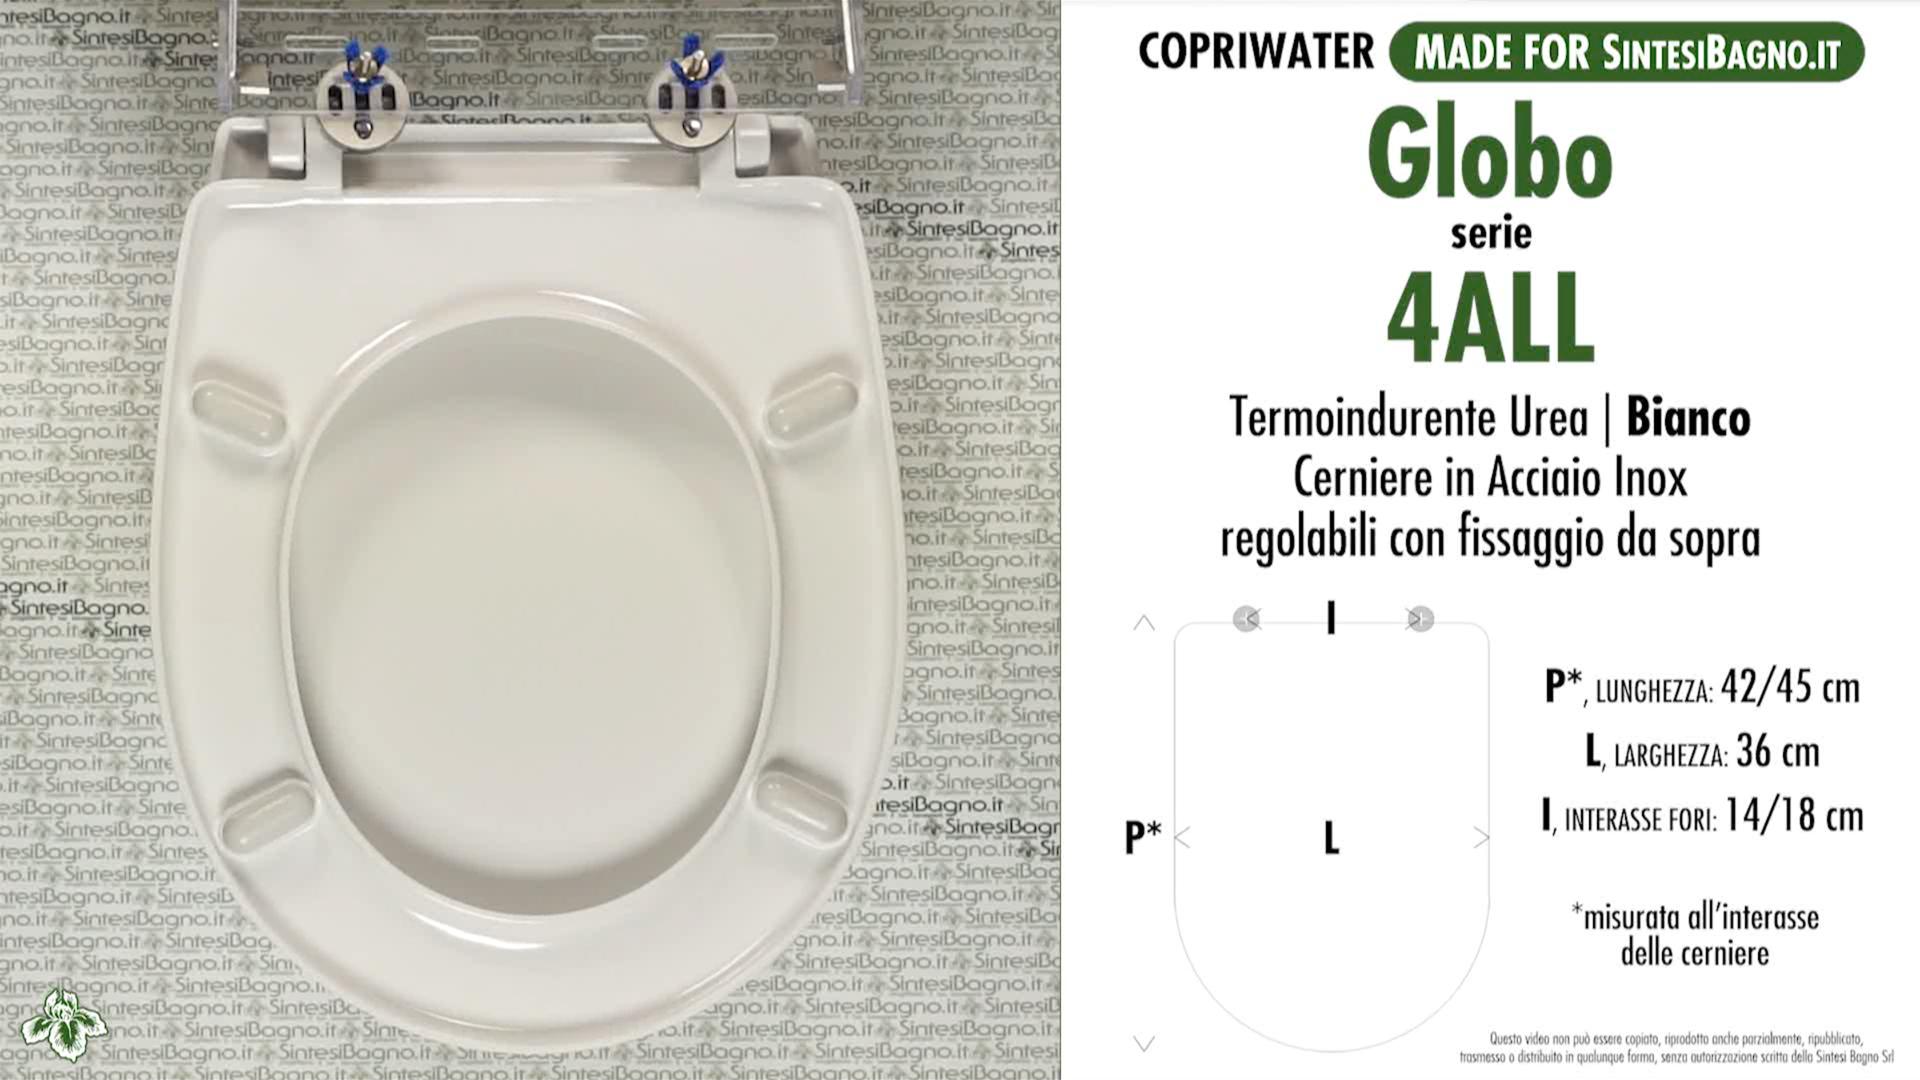 SCHEDA TECNICA MISURE copriwater GLOBO 4ALL